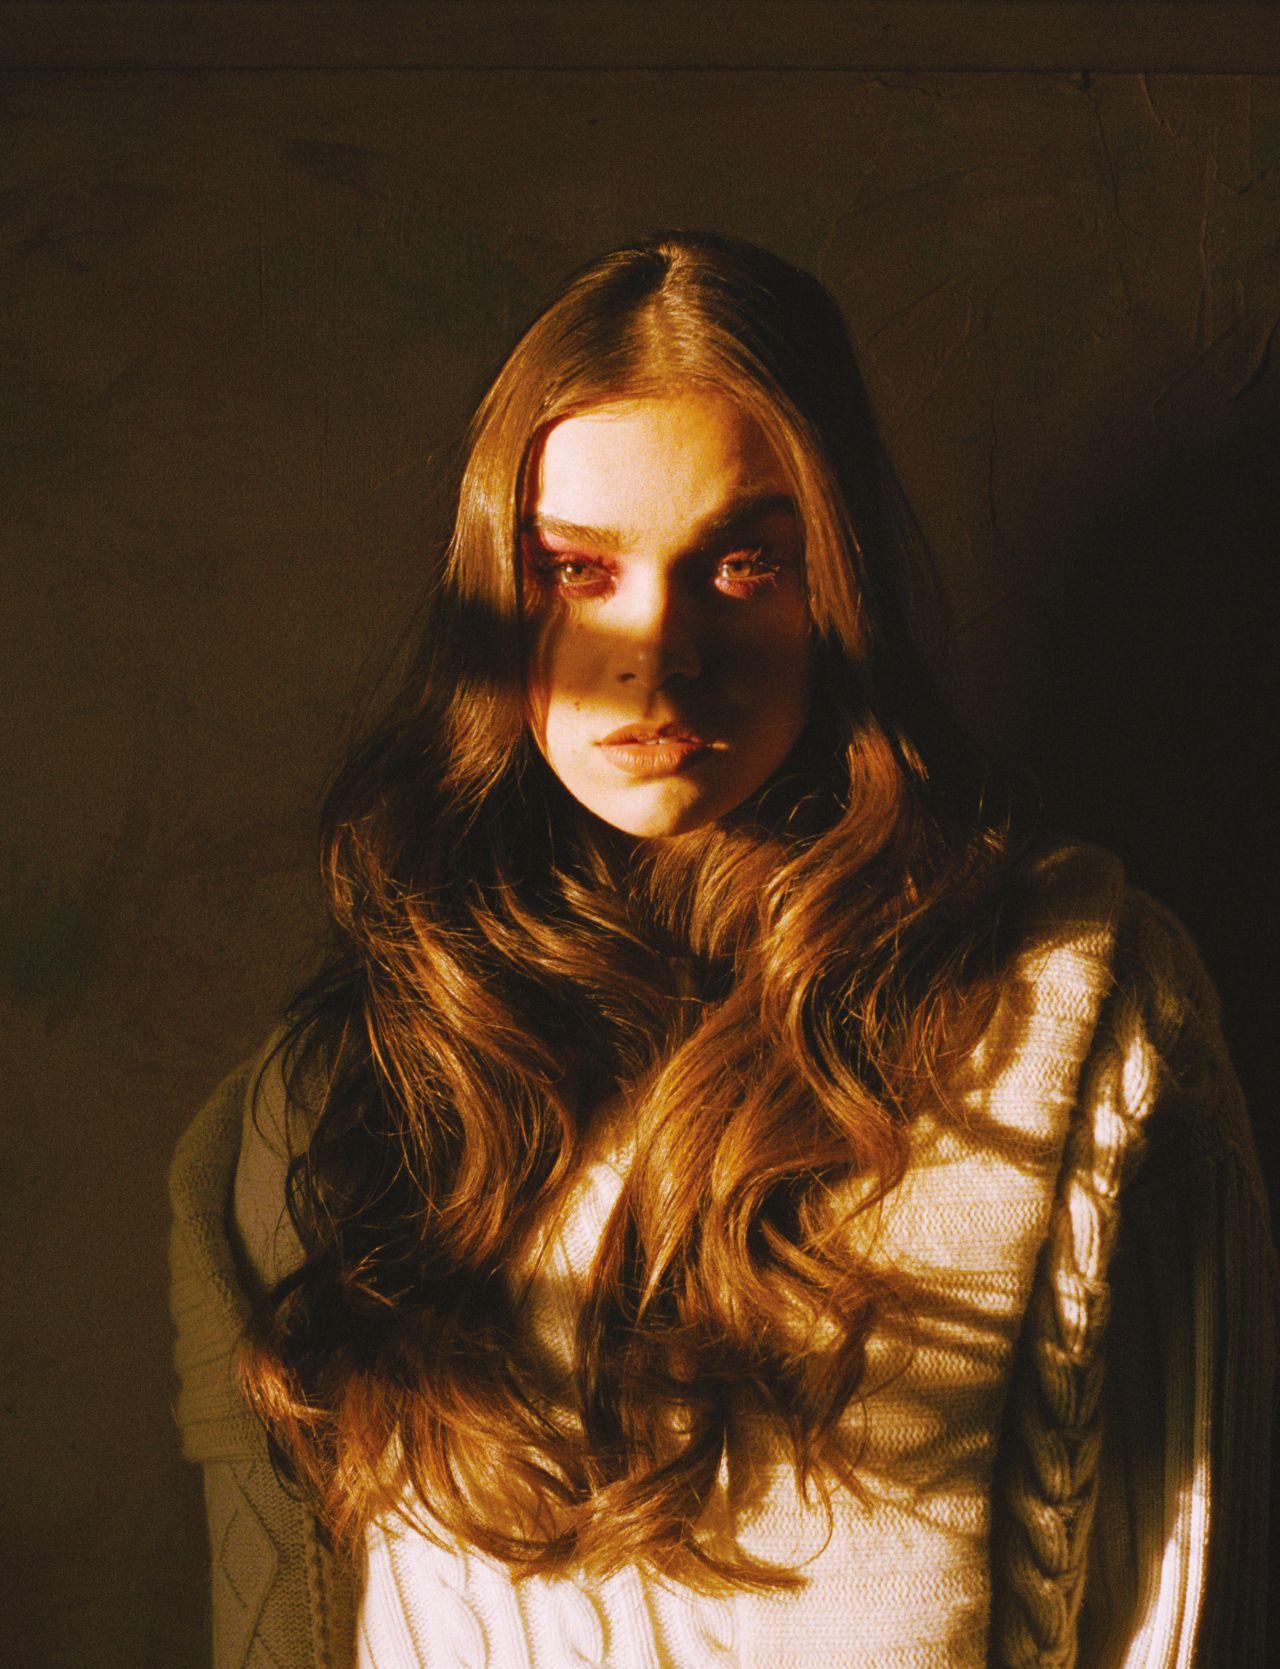 Hailee Steinfeld - Kendall Jenner for Love Magazine #17, Spring/Summer 2017